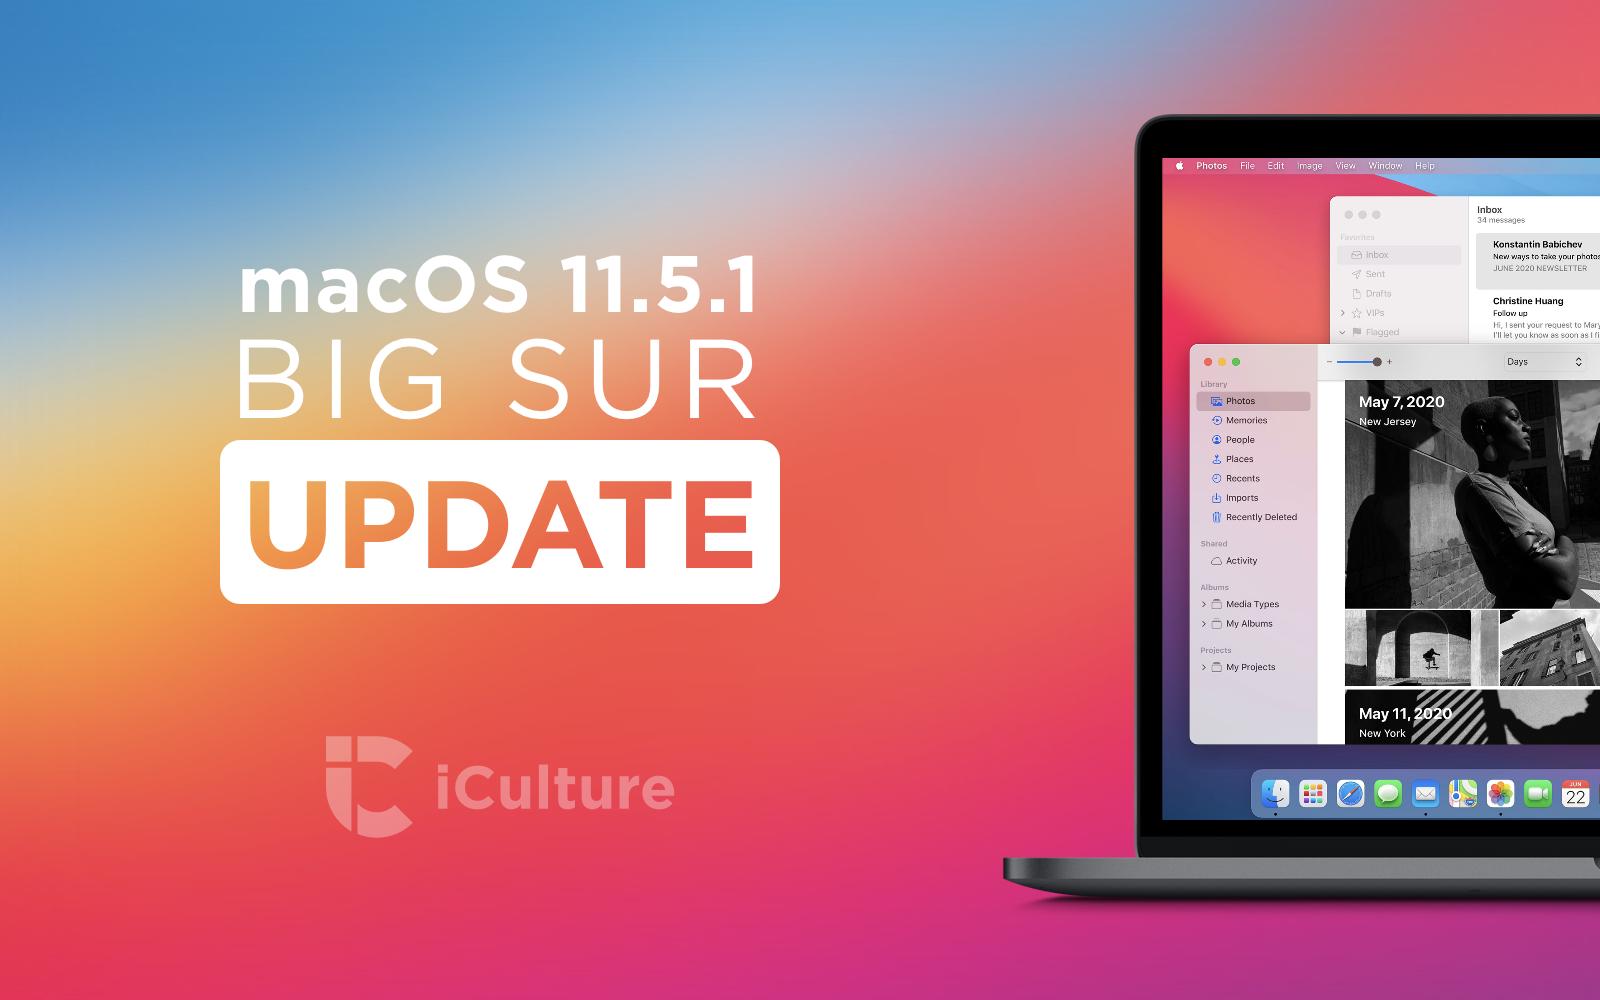 macOS Big Sur 11.5.1.